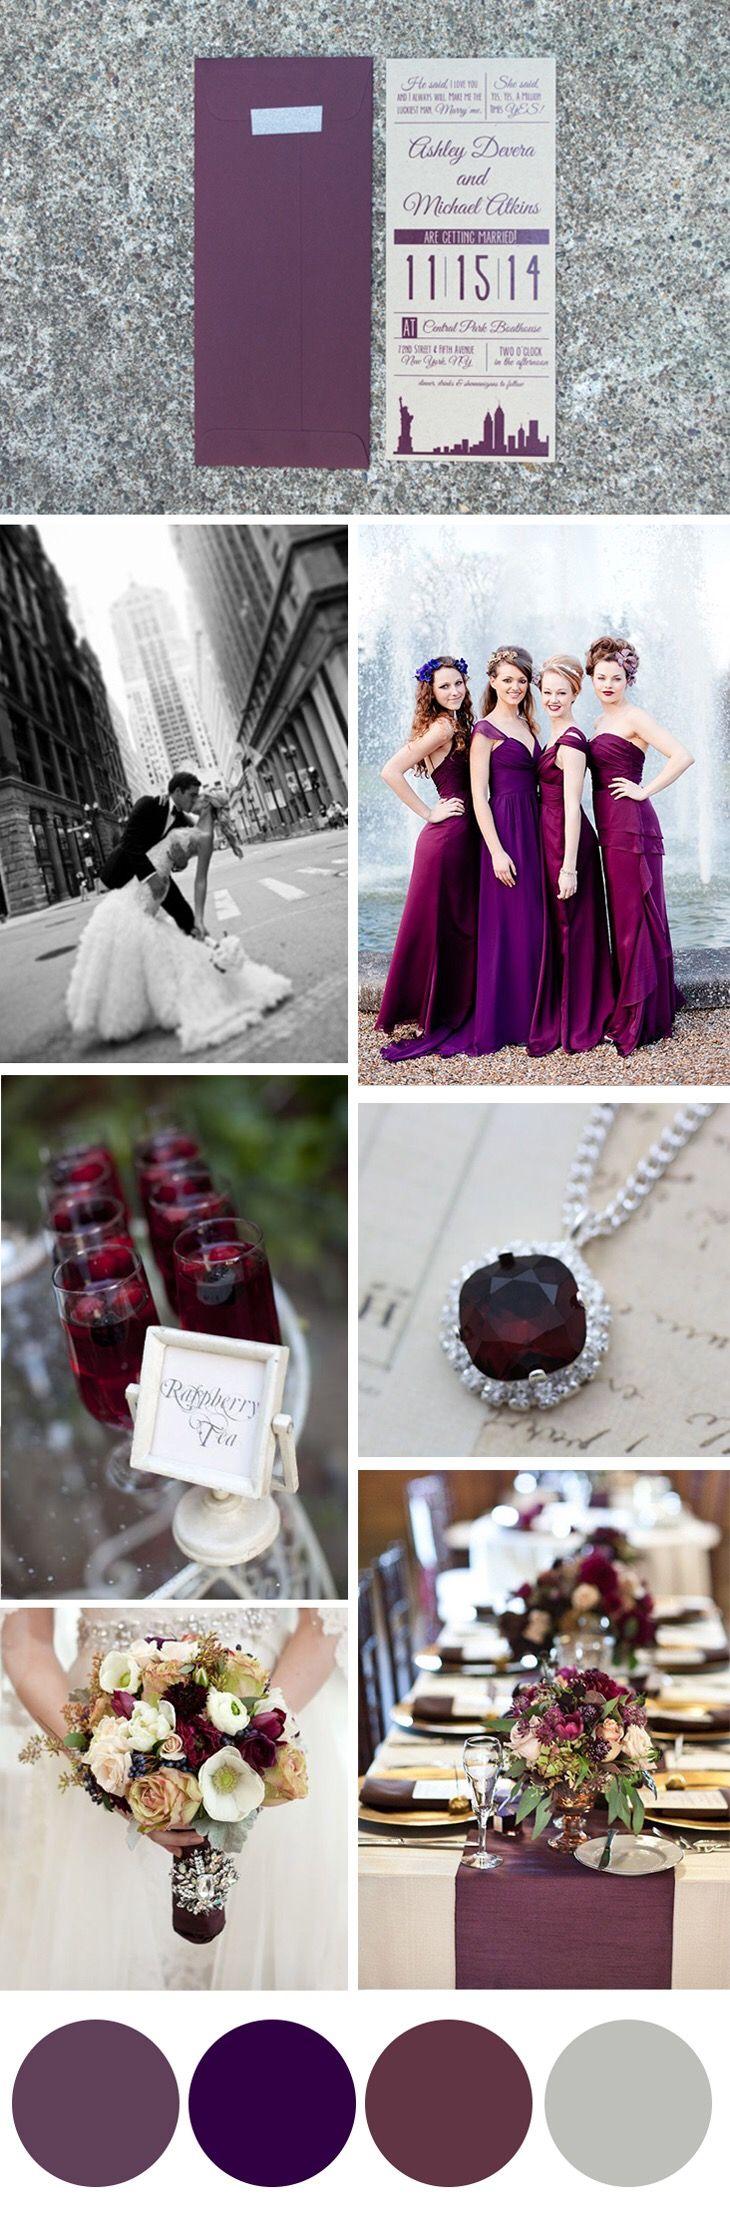 Blumen Tischdeko, Wunschlisten, Aubergine Brautjunferkleider, Aubergine  Kleid, Aubergine Hochzeit Farben, Burgunder Hochzeit Farben, ...